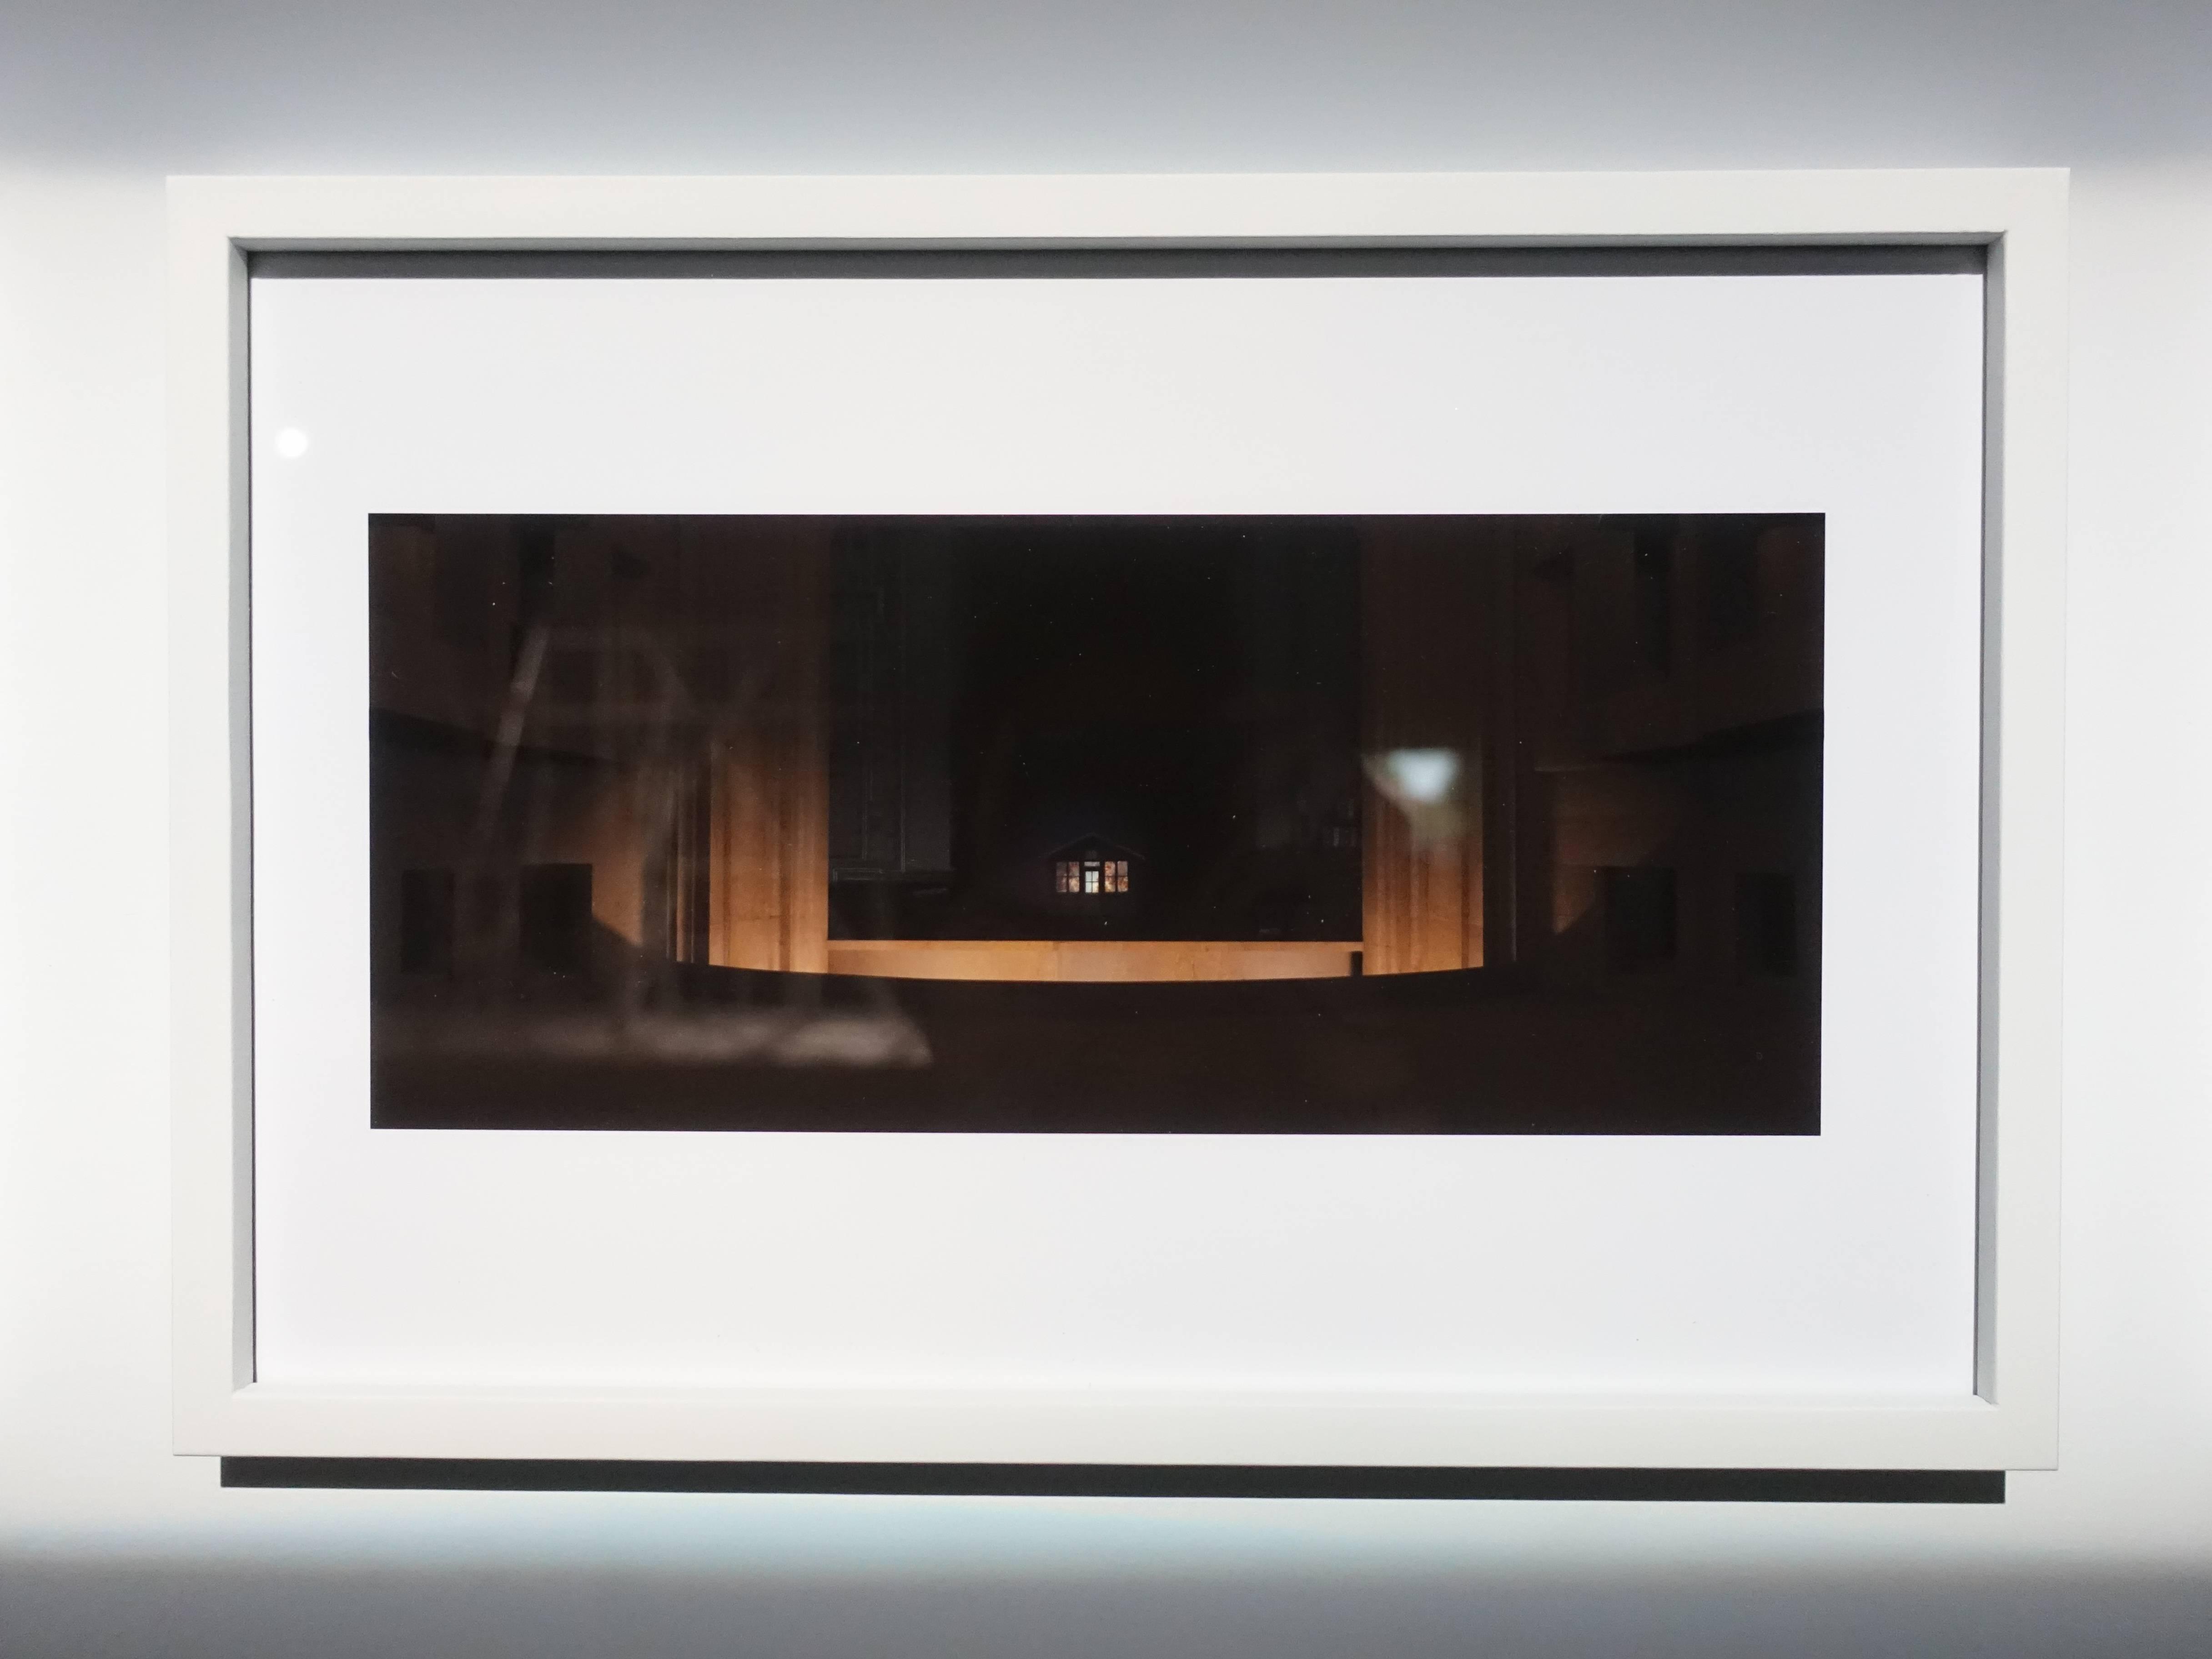 Florian Claar,《Wanderer Frame No.05215 漫遊者 影格No.05215》,20 x 29.7cm,影像輸出,2019。